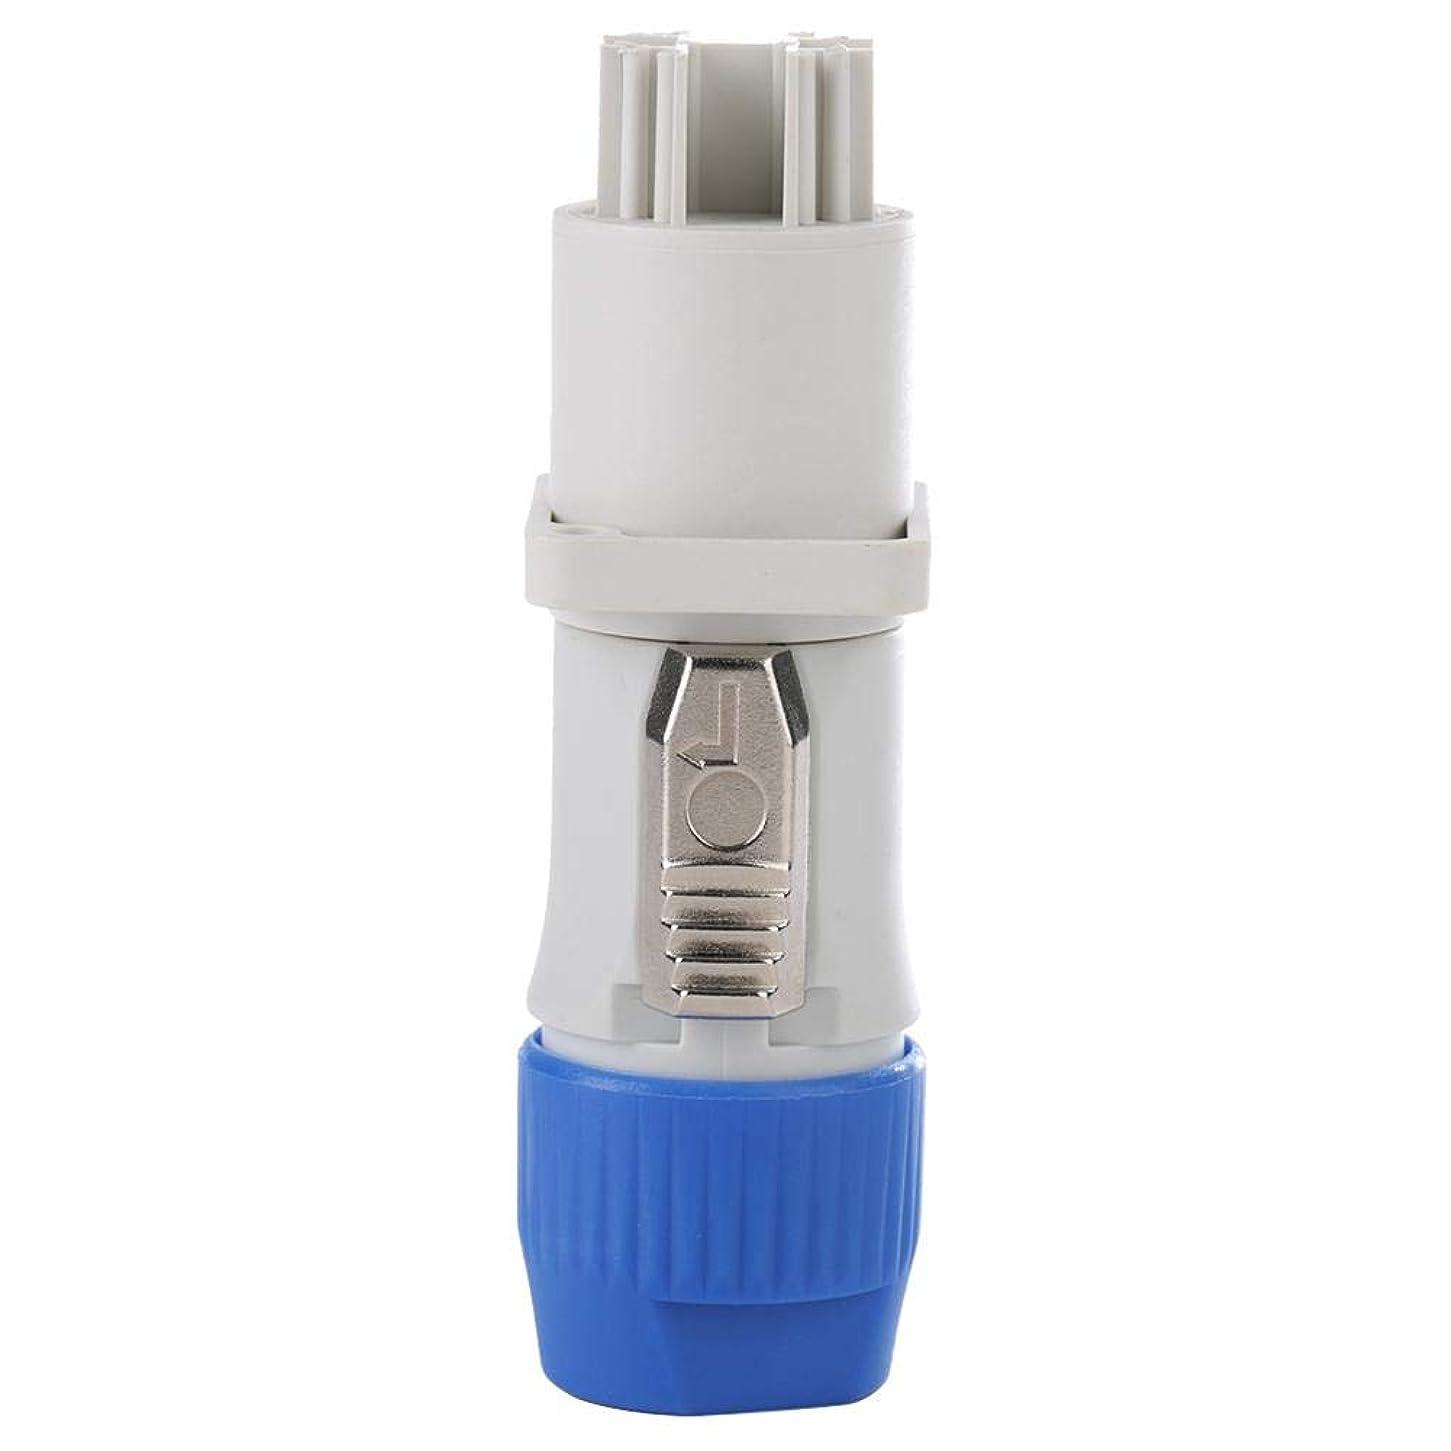 パステルレンド解決250V AC3MΩ防水オーディオコネクタプラグ航空機用電源LEDライト電流(ホワイト)